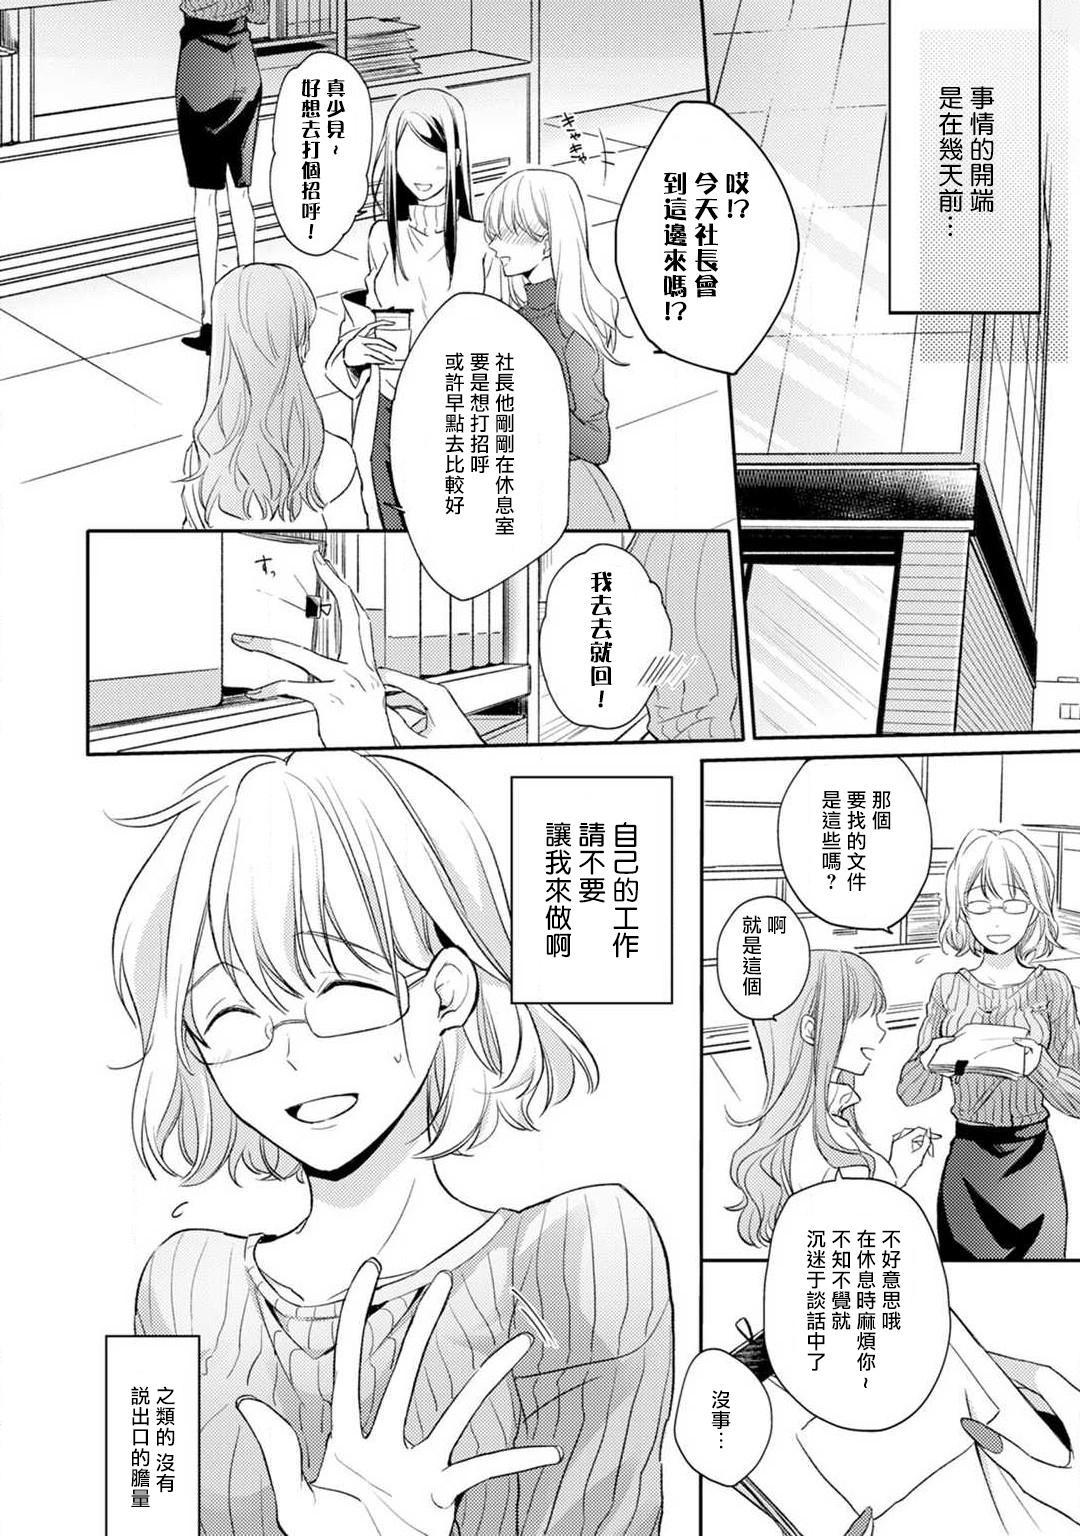 [Shichigatsu Motomi]  Sonna Kao shite, Sasotteru? ~Dekiai Shachou to Migawari Omiaikekkon!?~ 1-7 | 這種表情,在誘惑我嗎?~溺愛社長和替身相親結婚!? act.1 [Chinese] [拾荒者汉化组] 2